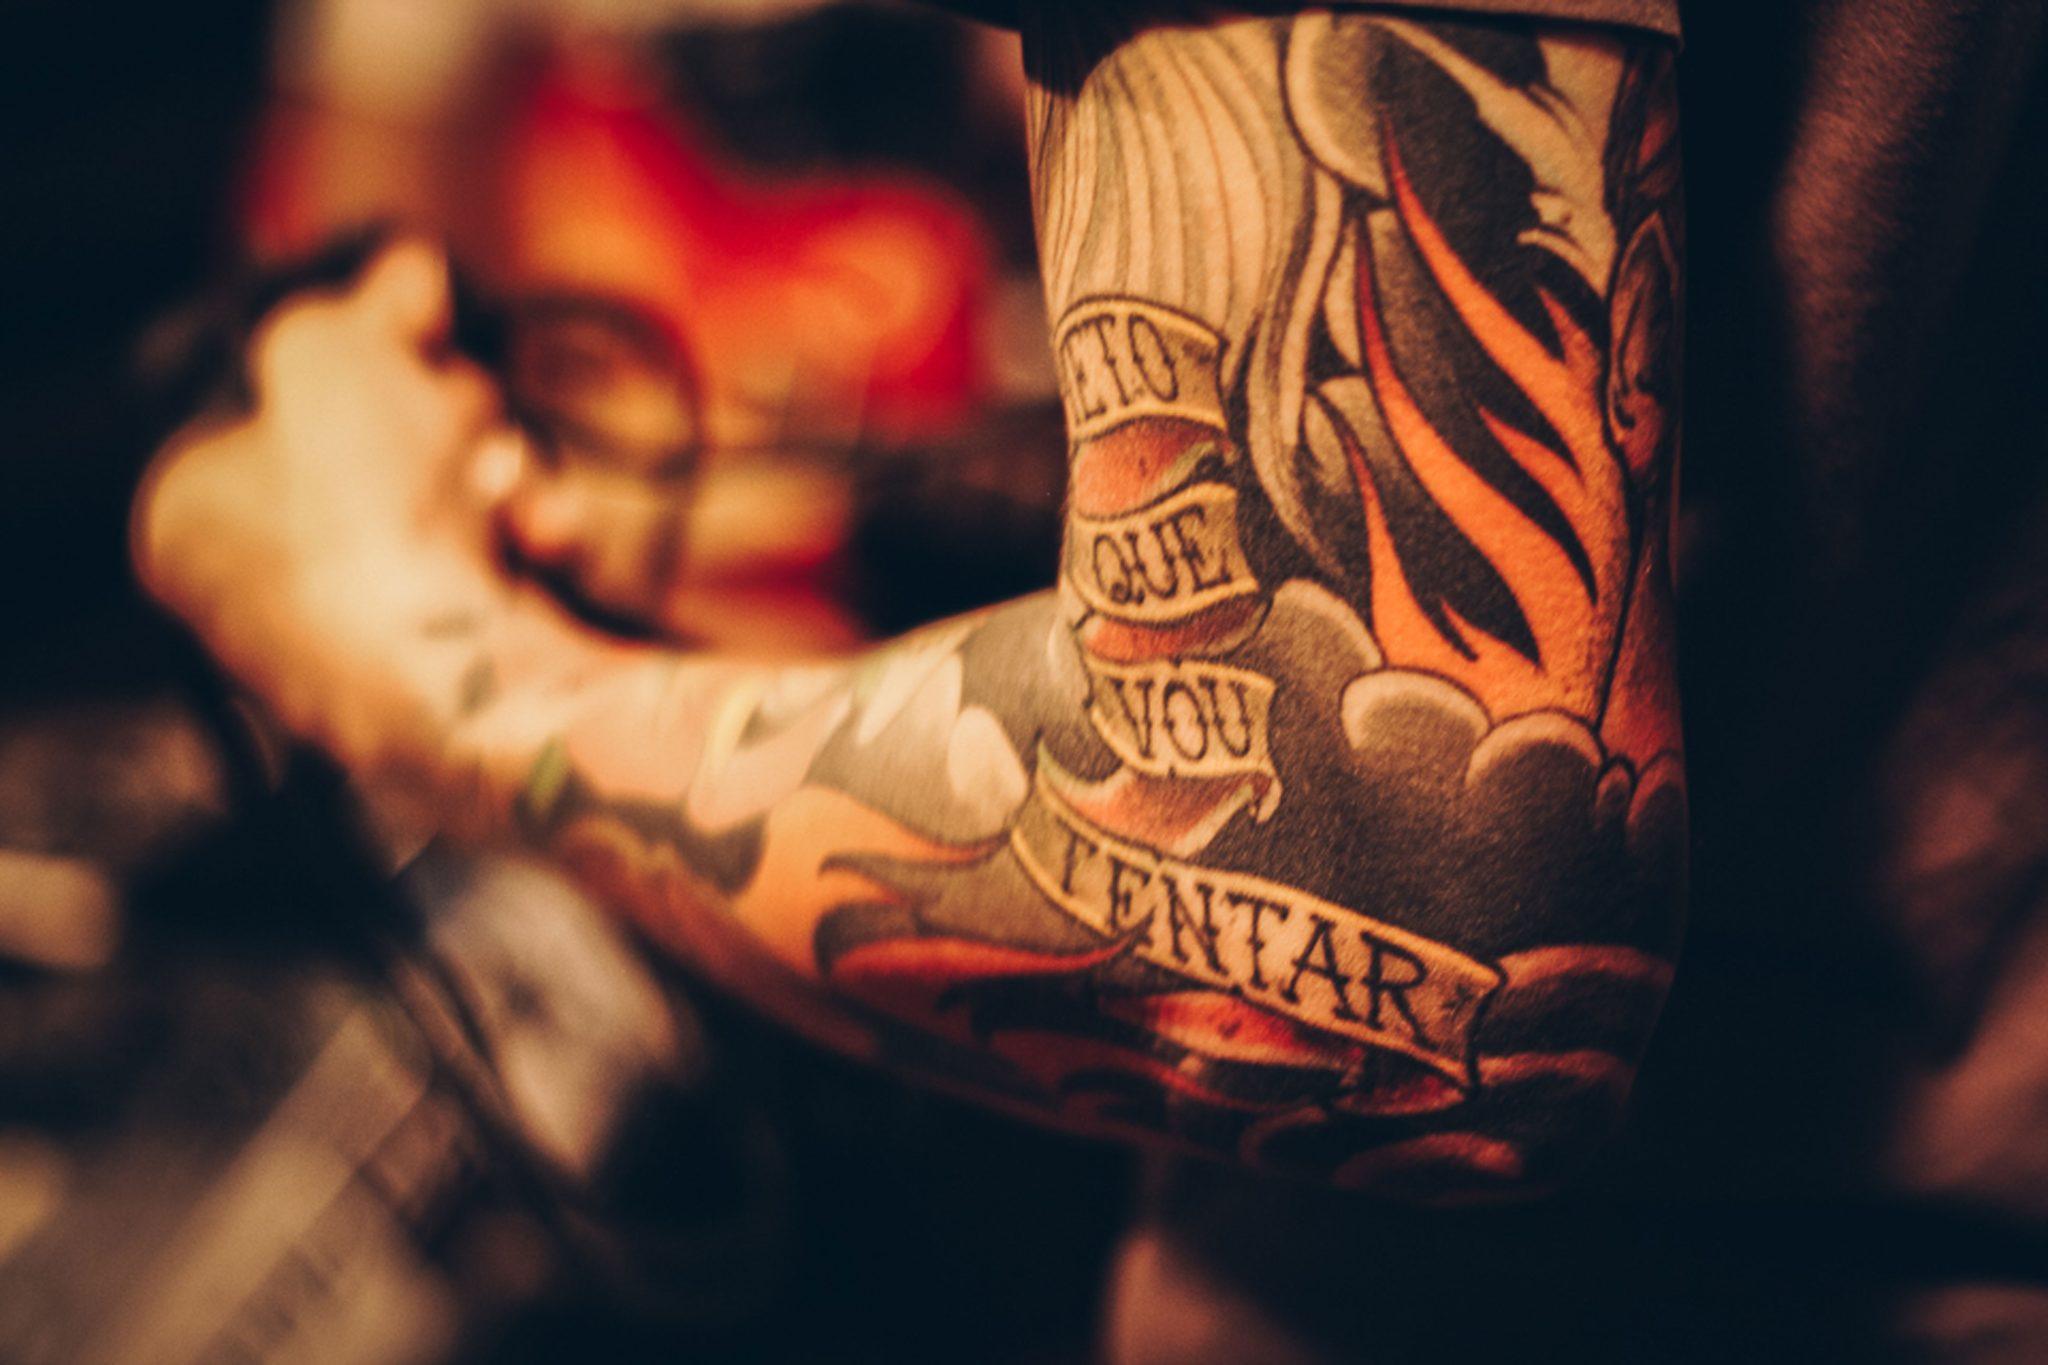 Ciekawe Pomysły Na Tatuaż W Wersji 3d Gdzie Najlepiej Go